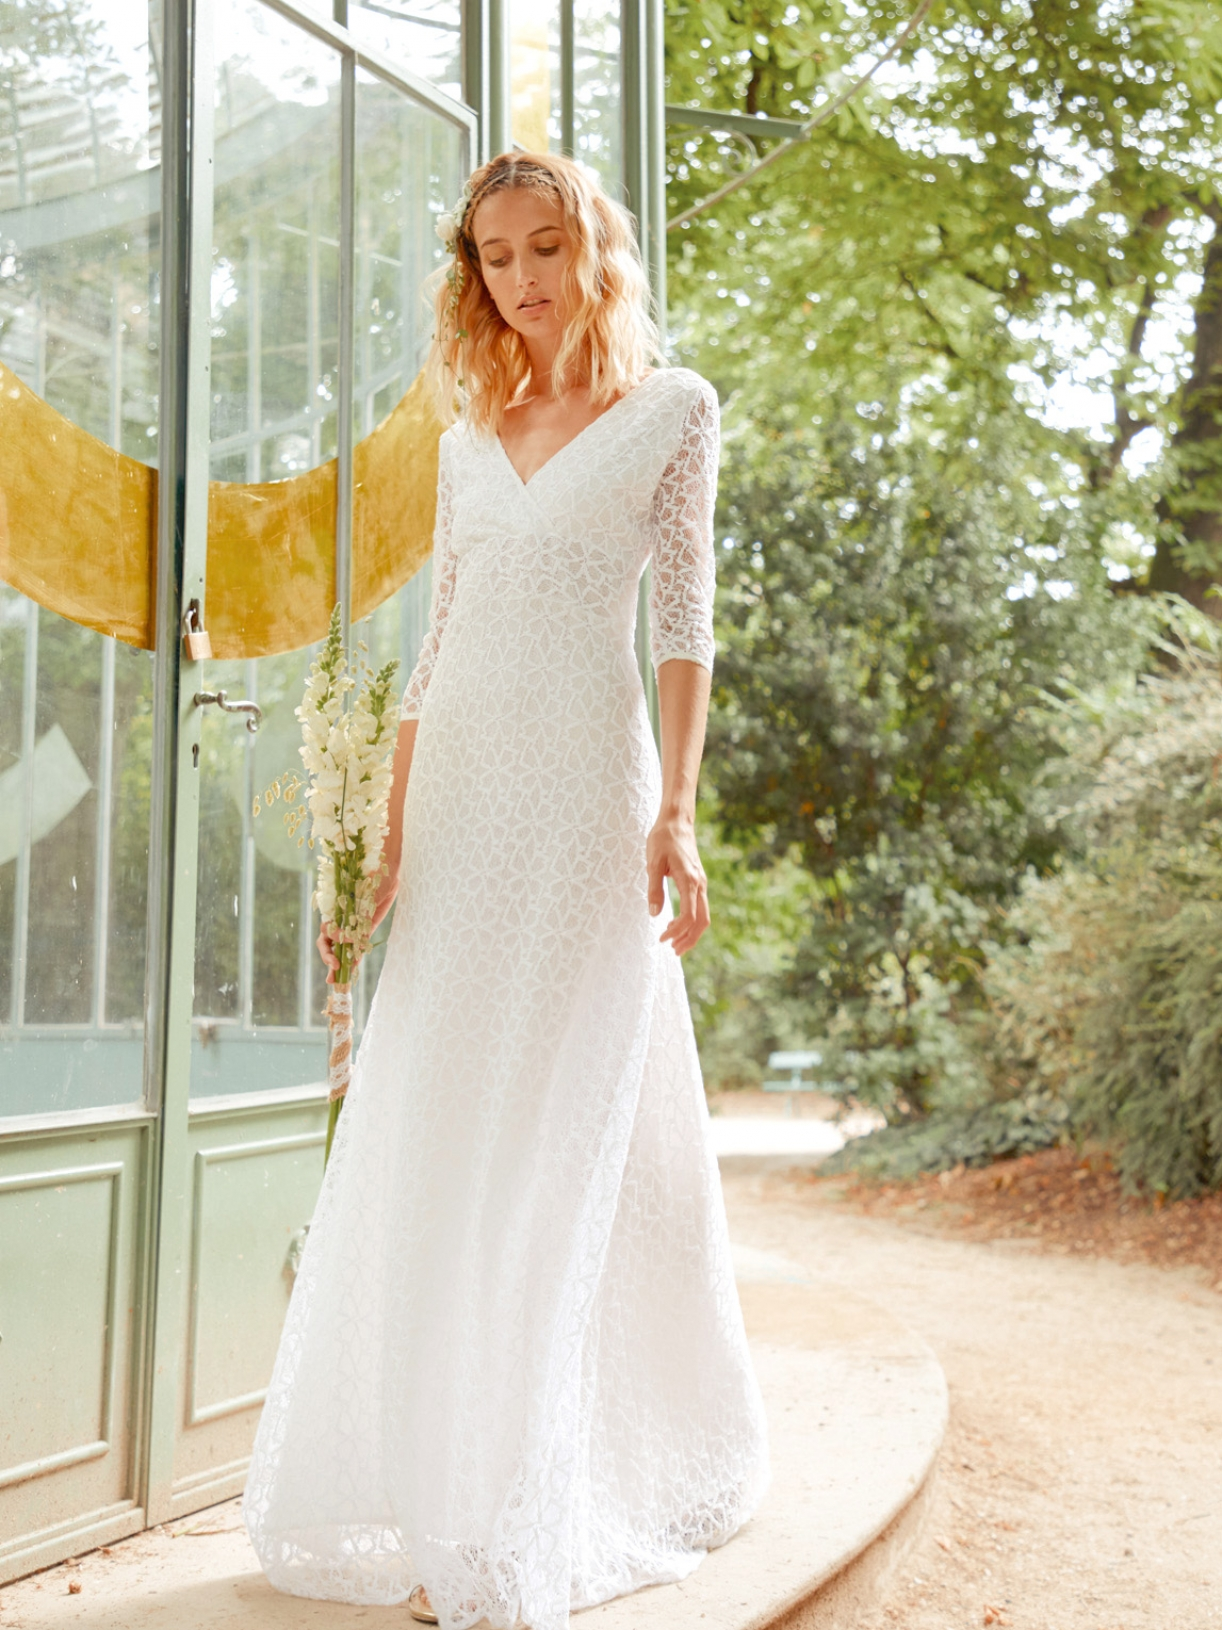 VALENTINA - Robe de mariée sirène longue en dentelle - Robe de mariée créateur et sur-mesure pas cher a Paris - Myphilosophy